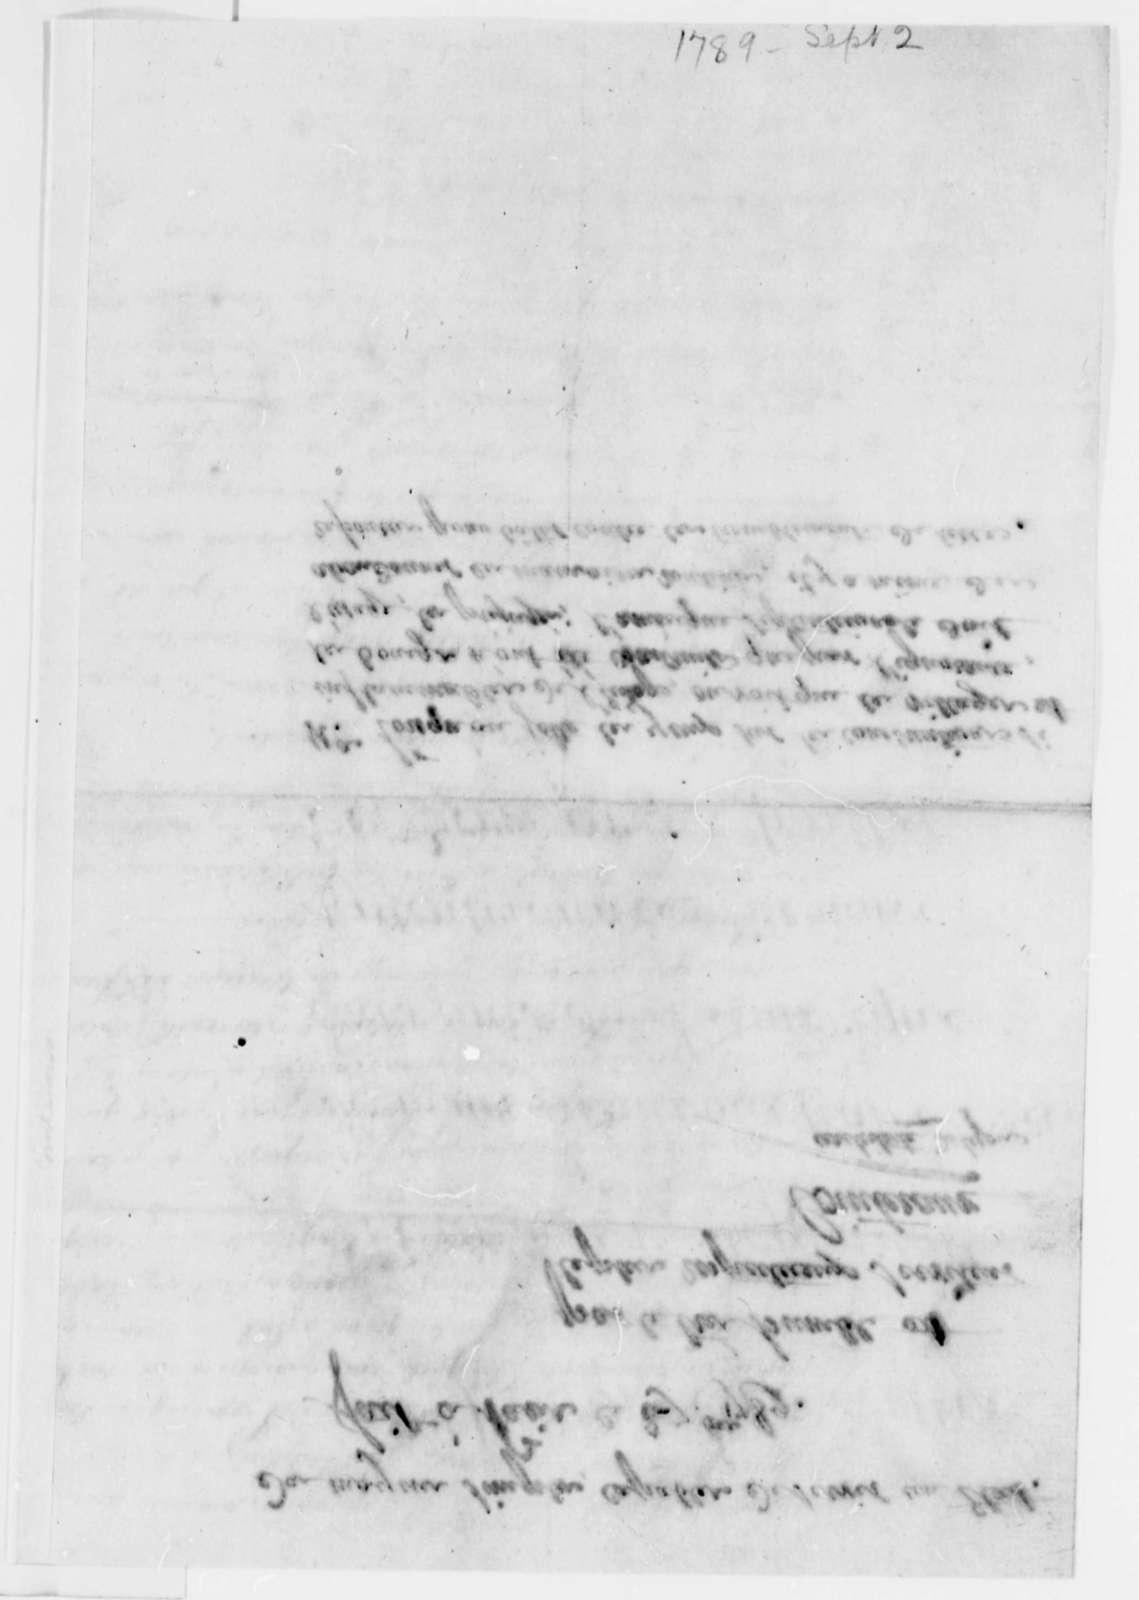 Francois Cointeraux to Thomas Jefferson, September 2, 1789